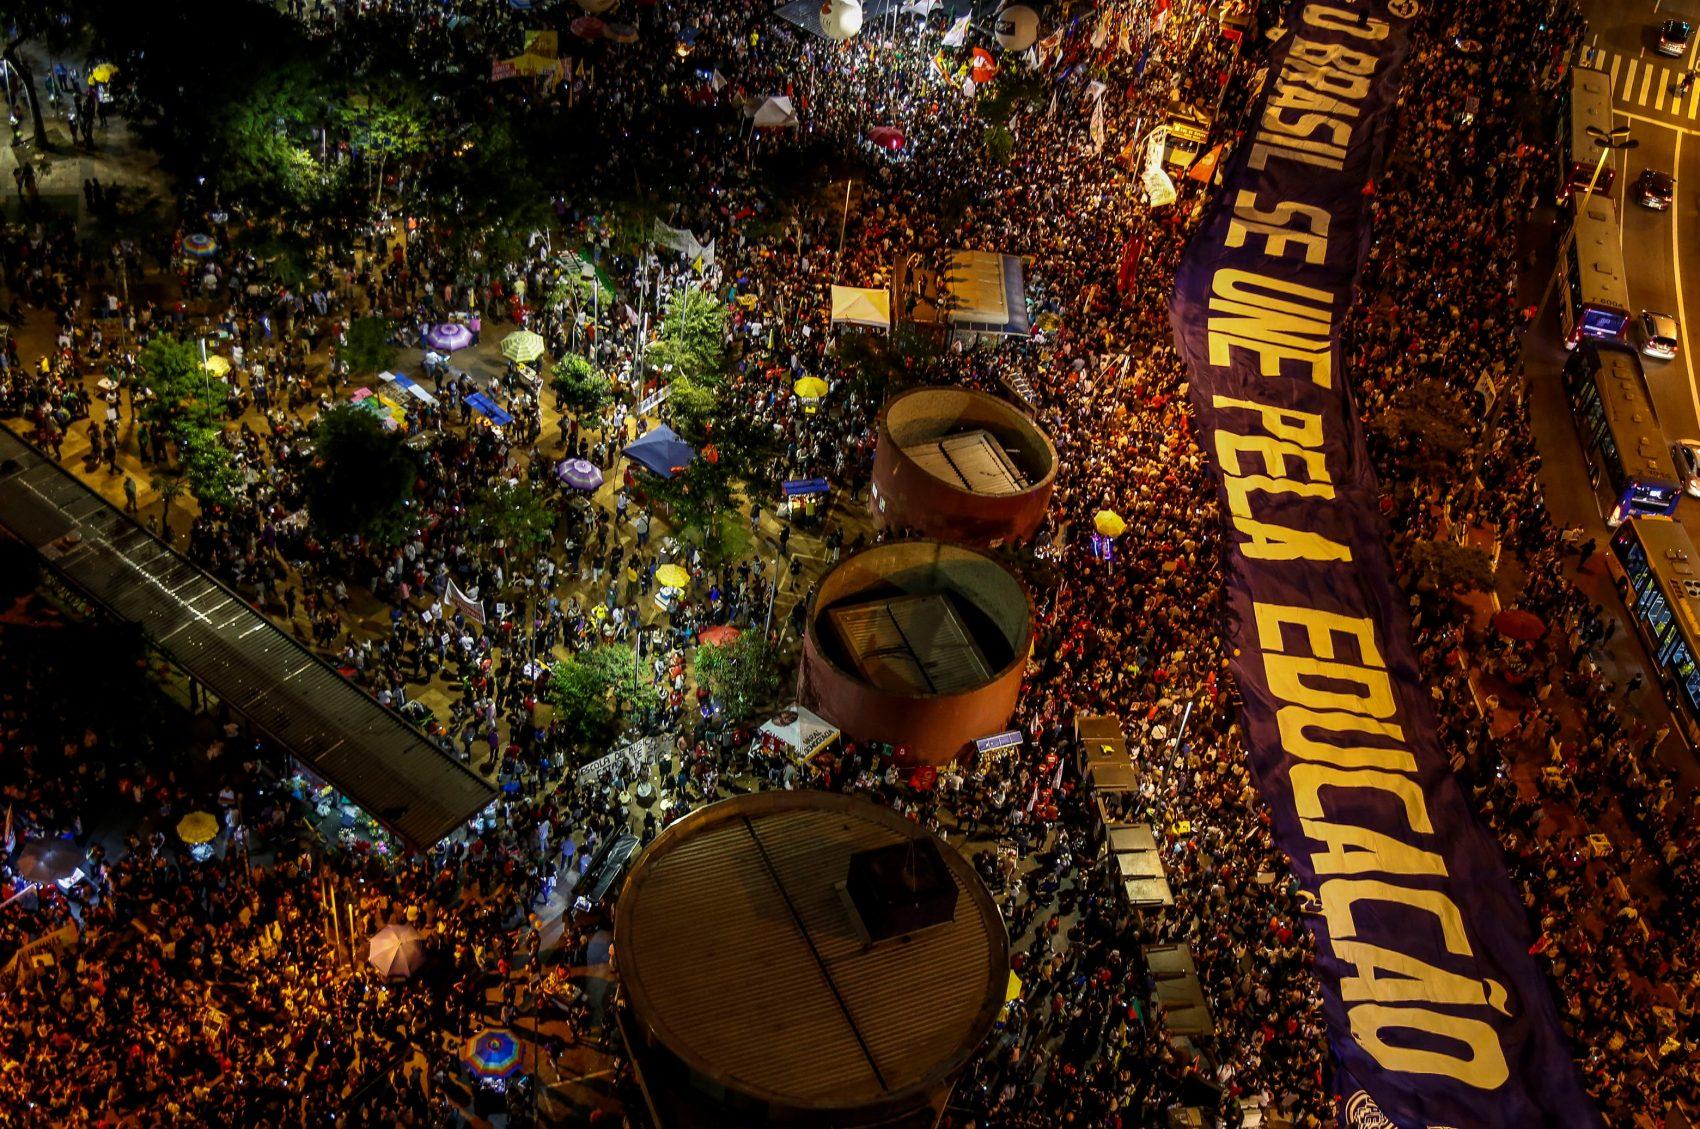 Protesto em São Paulo contra os seguidos cortes no orçamento das universidades: educação e ciência ameaçadas (Foto: Miguel Schincariol / AFP)